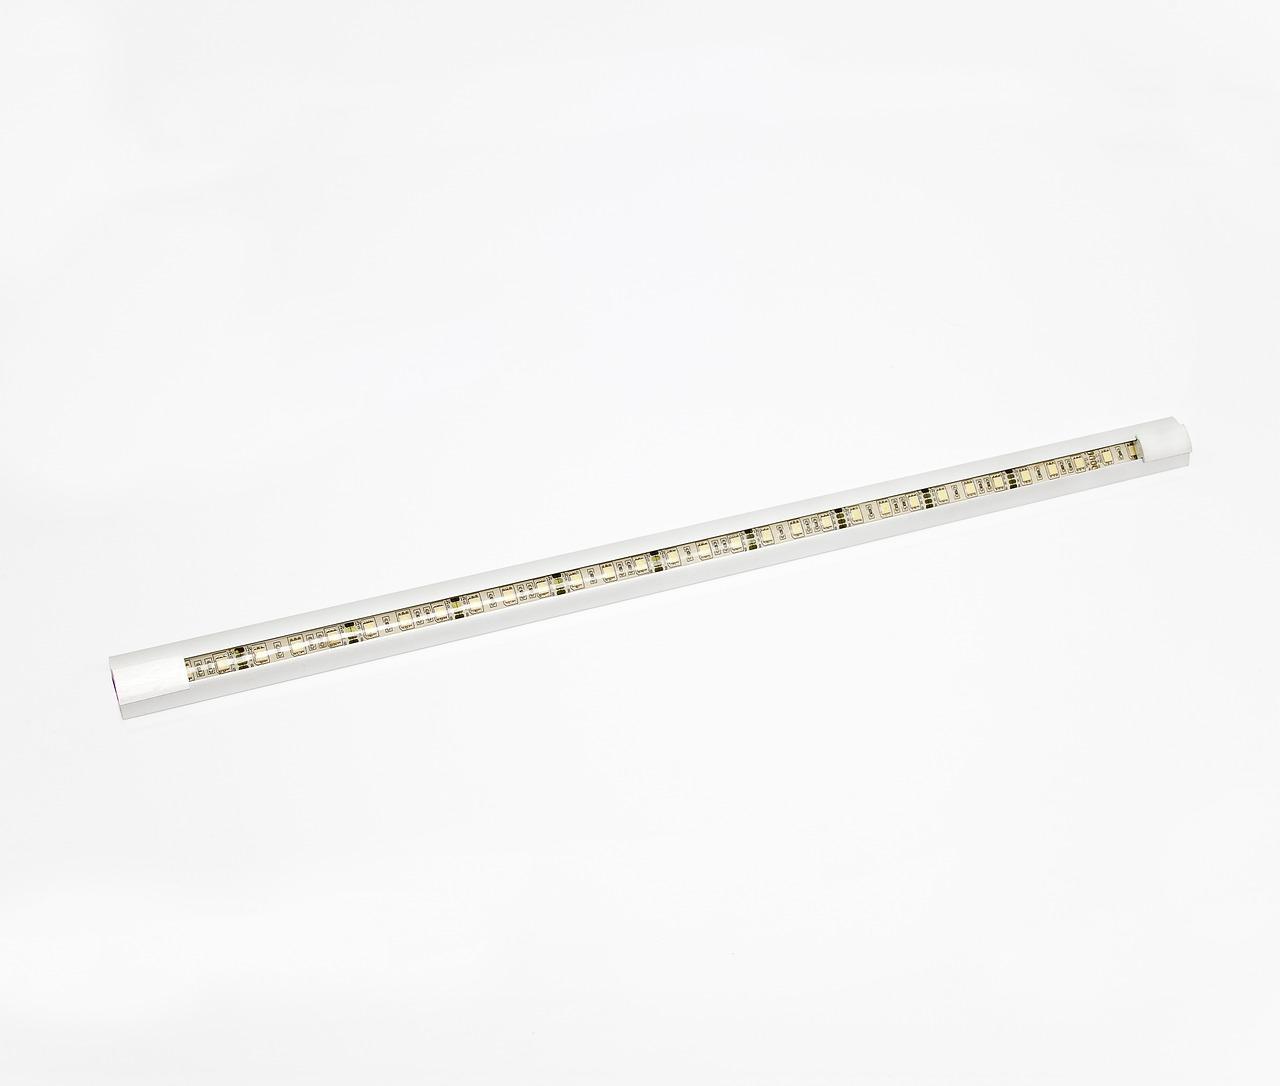 Energooszczędne listwy LED coraz chętniej wybieranym rozwiązaniem